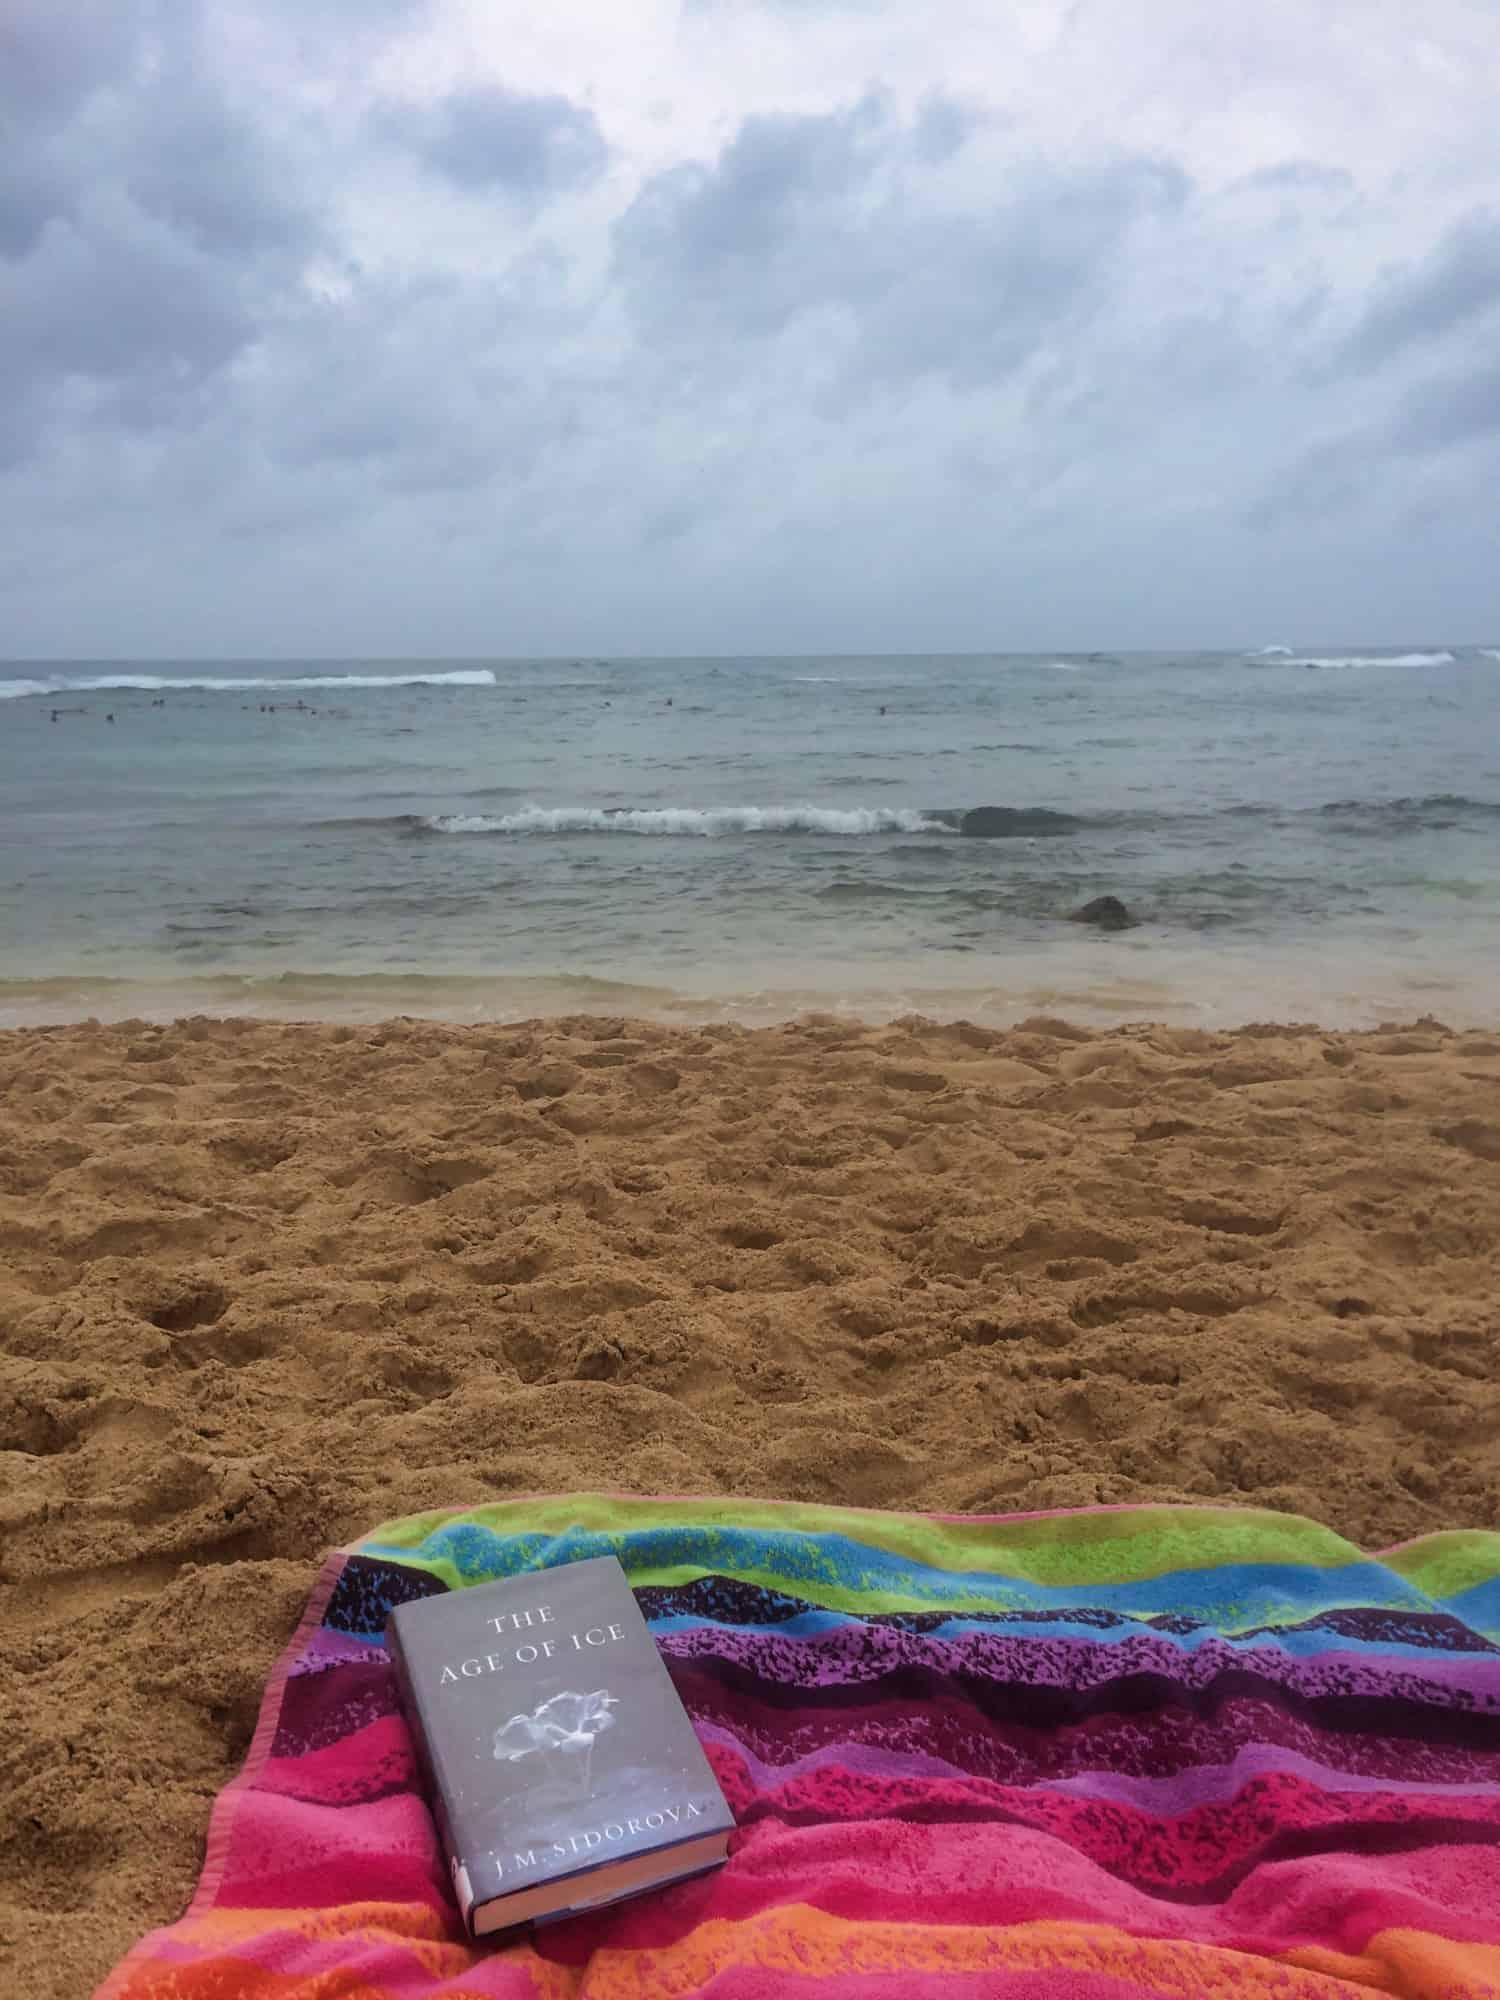 3 Days in Kauai - Poipu Beach